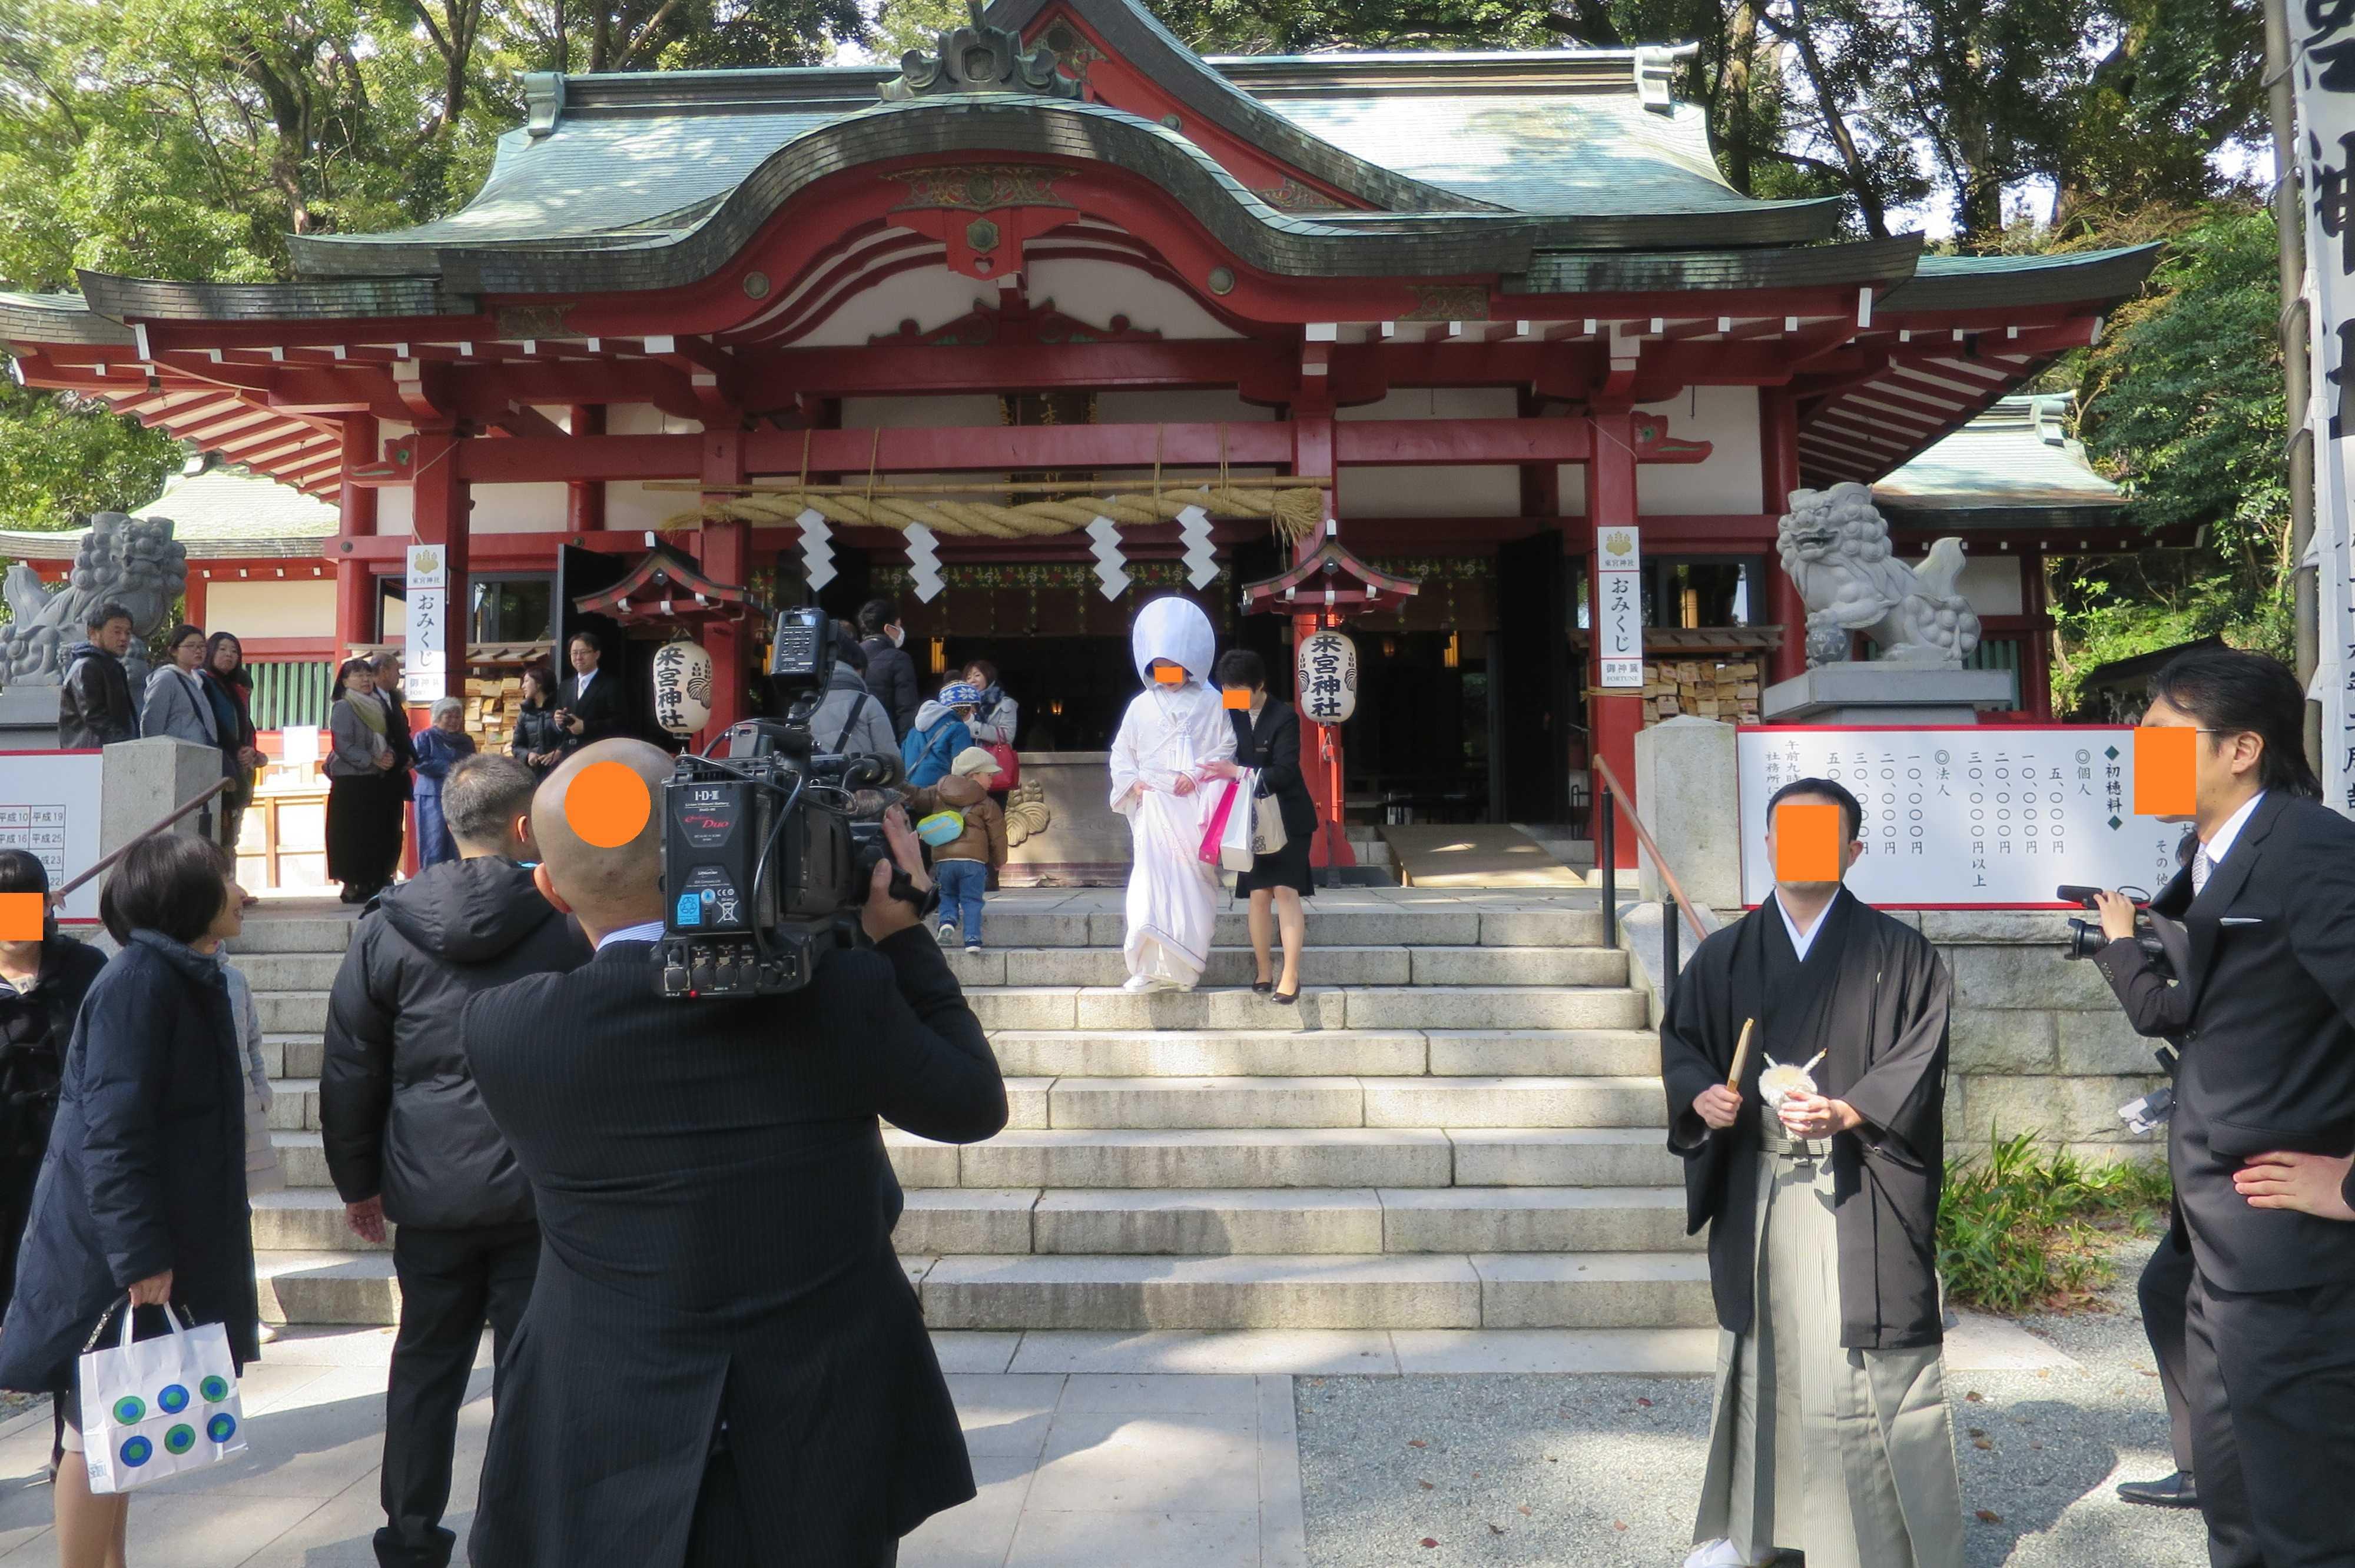 熱海・来宮神社 - 白無垢花嫁衣装の花嫁さん